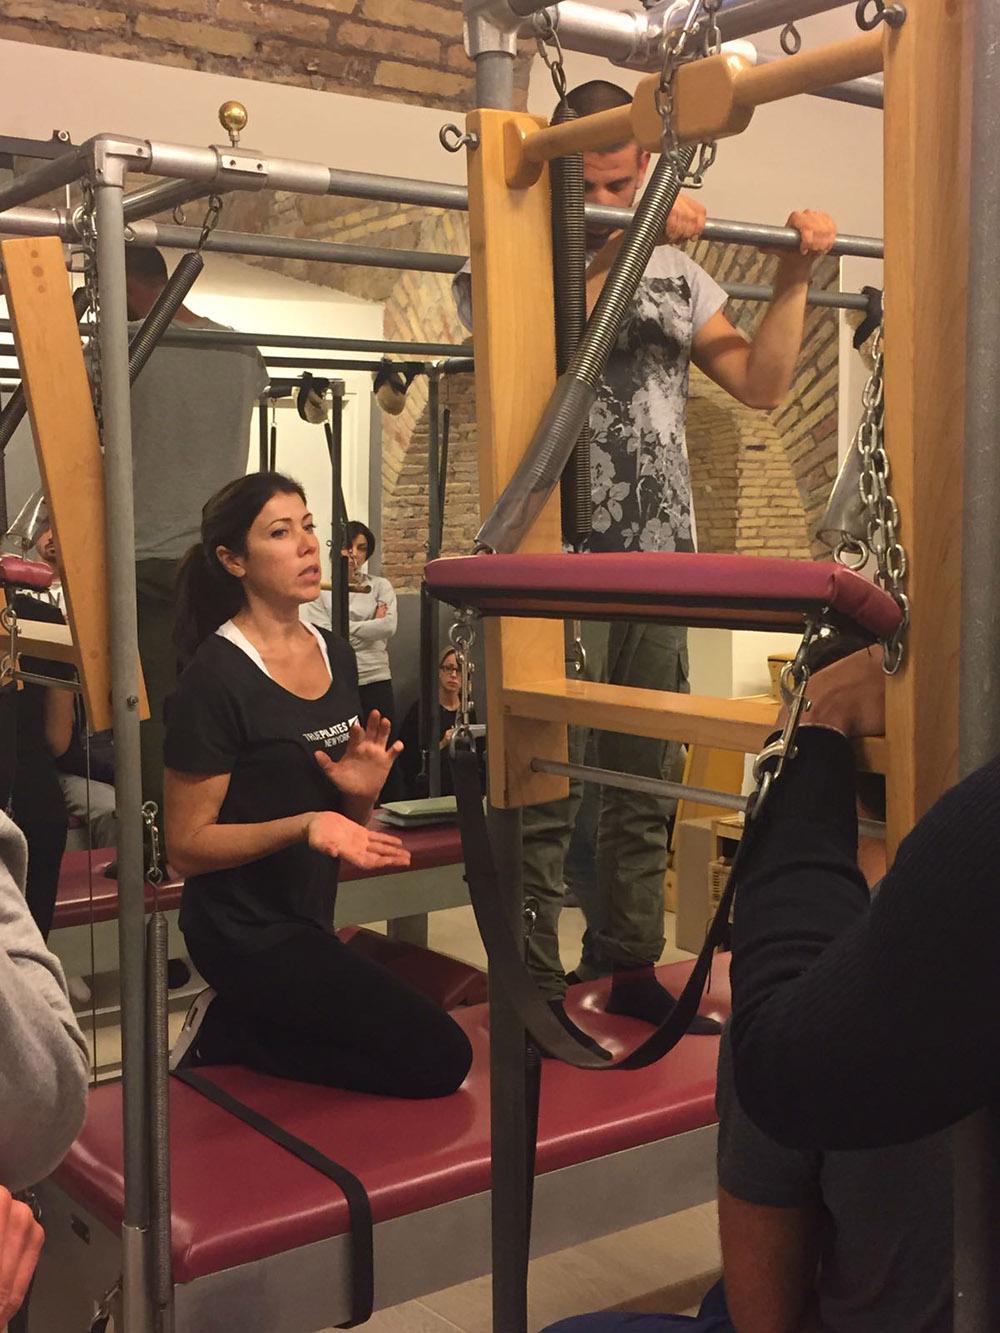 1-applicazione-del-pilates-nel- trattamento- dell-iper-programmazione- delle- catene- cinetiche- muscolari-true-pilates-italia-news.jpg